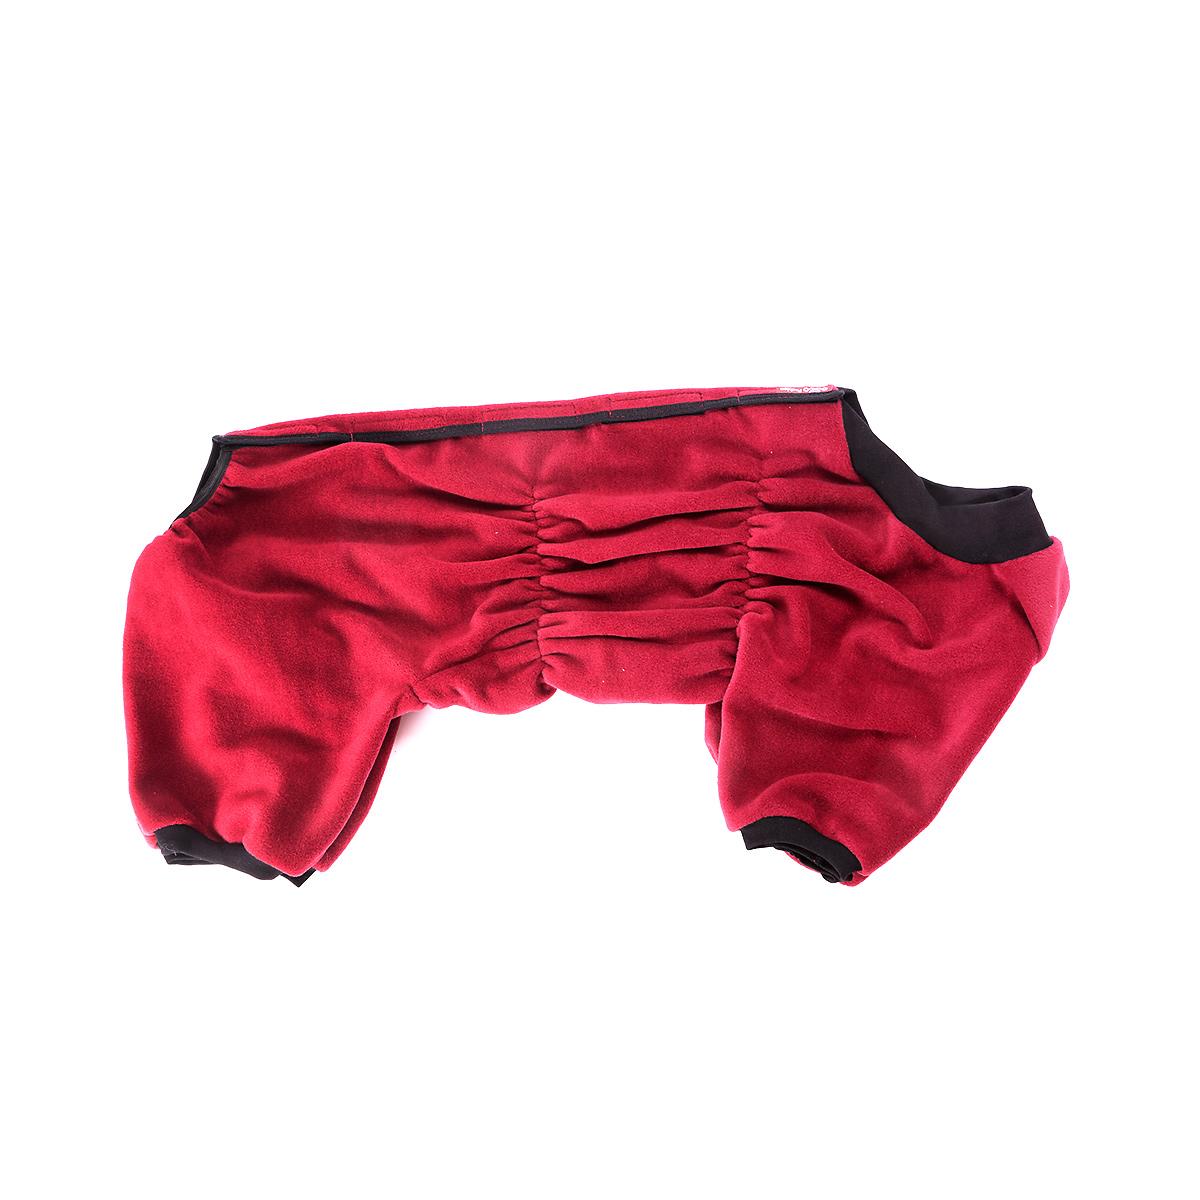 Комбинезон для собак OSSO Fashion, для девочки, цвет: бордовый. Размер 30Кф-1005Комбинезон для собак OSSO Fashion выполнен из флиса. Комфортная посадка по корпусу достигается за счет резинок-утяжек под грудью и животом. На воротнике имеются завязки, для дополнительной фиксации. Можно носить самостоятельно и как поддевку под комбинезон для собак. Изделие отлично стирается, быстро сохнет.Длина спинки: 30 см.Объем груди: 34-44 см.